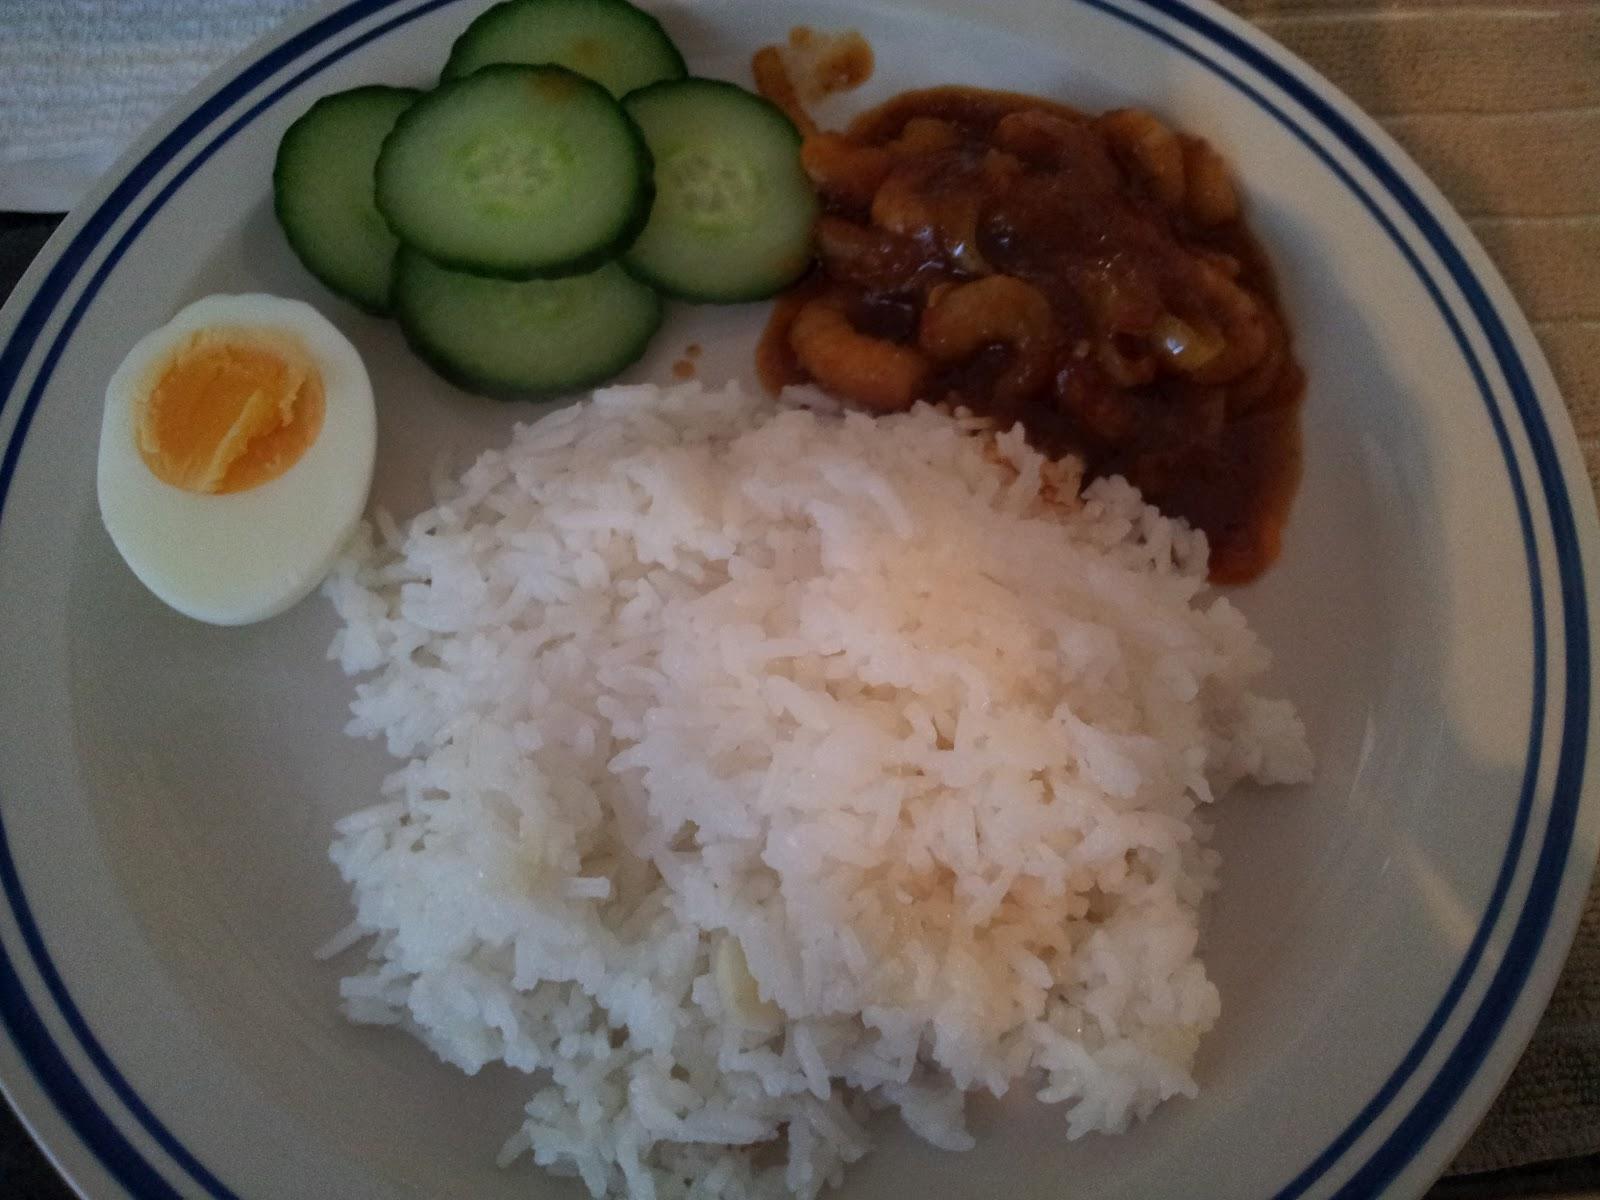 resepi nasi lemak marjerin crv turbin Resepi Rendang Ayam Penang Enak dan Mudah